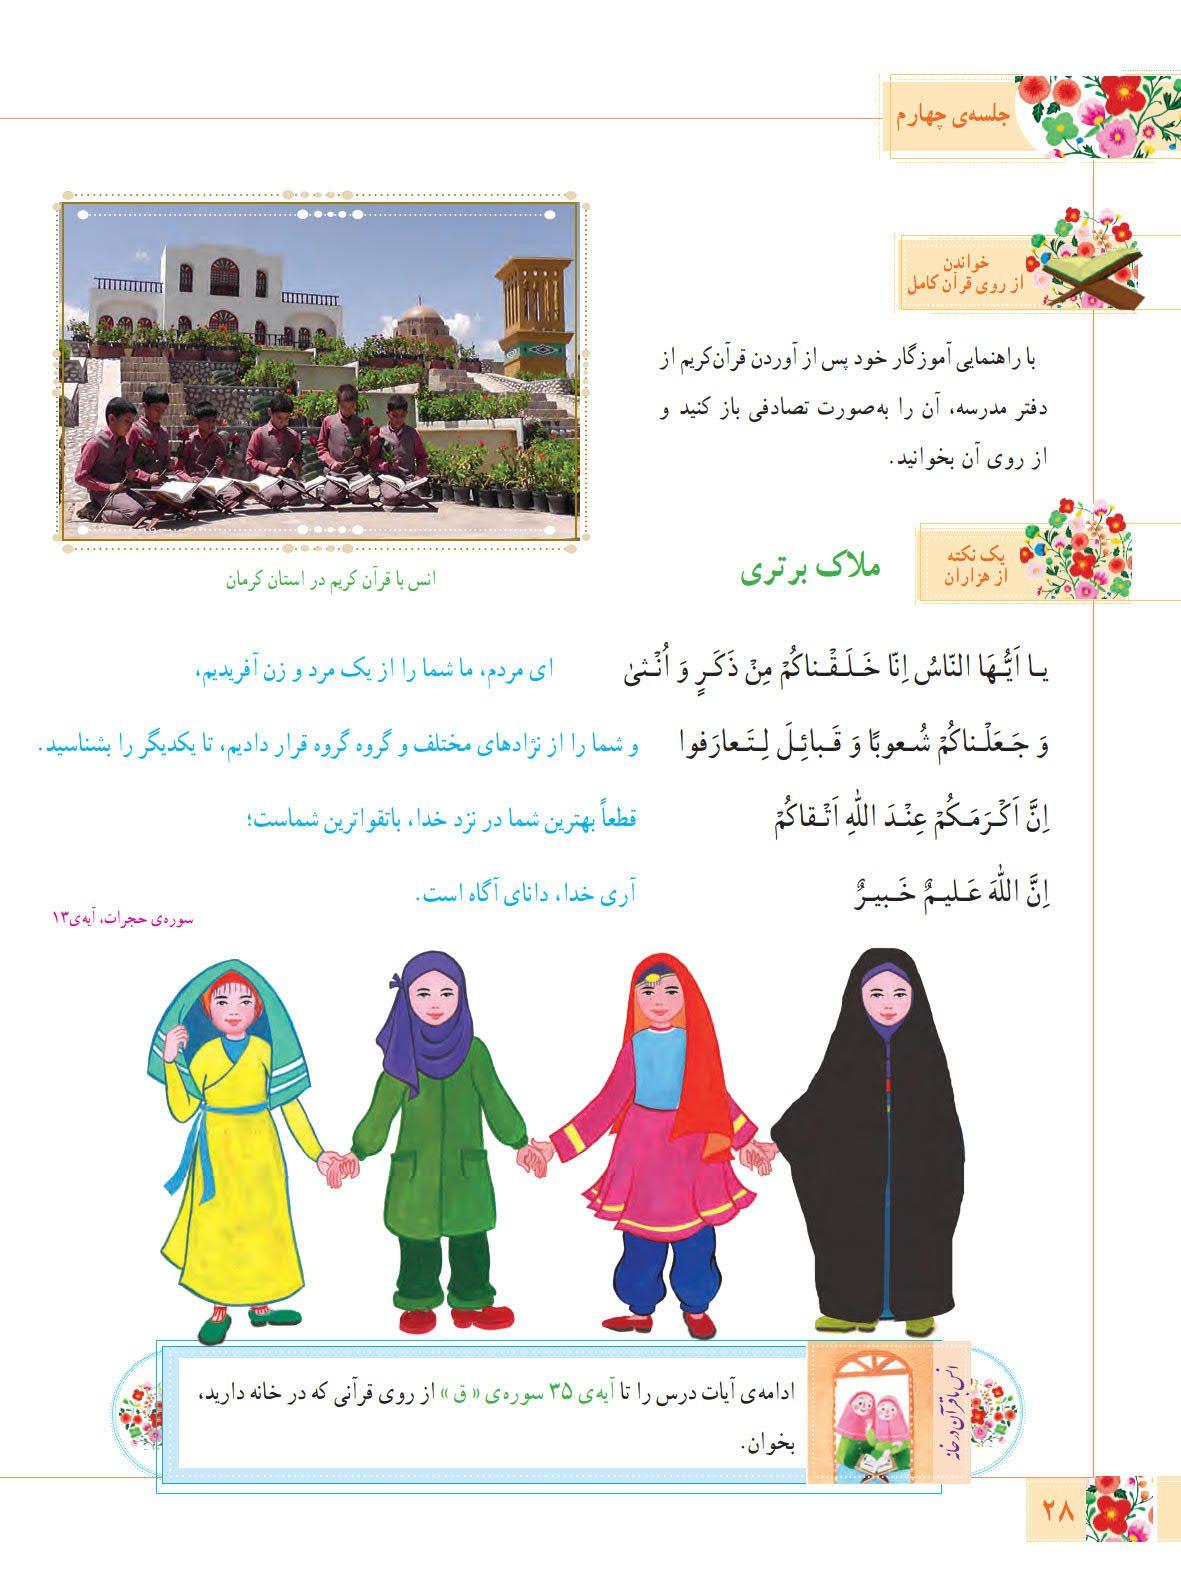 درس چهارم آموزش قرآن پایه ششم ابتدایی - کلاس اینترنتی ما - مومکا - صفحه 28 - momeka.ir (1)